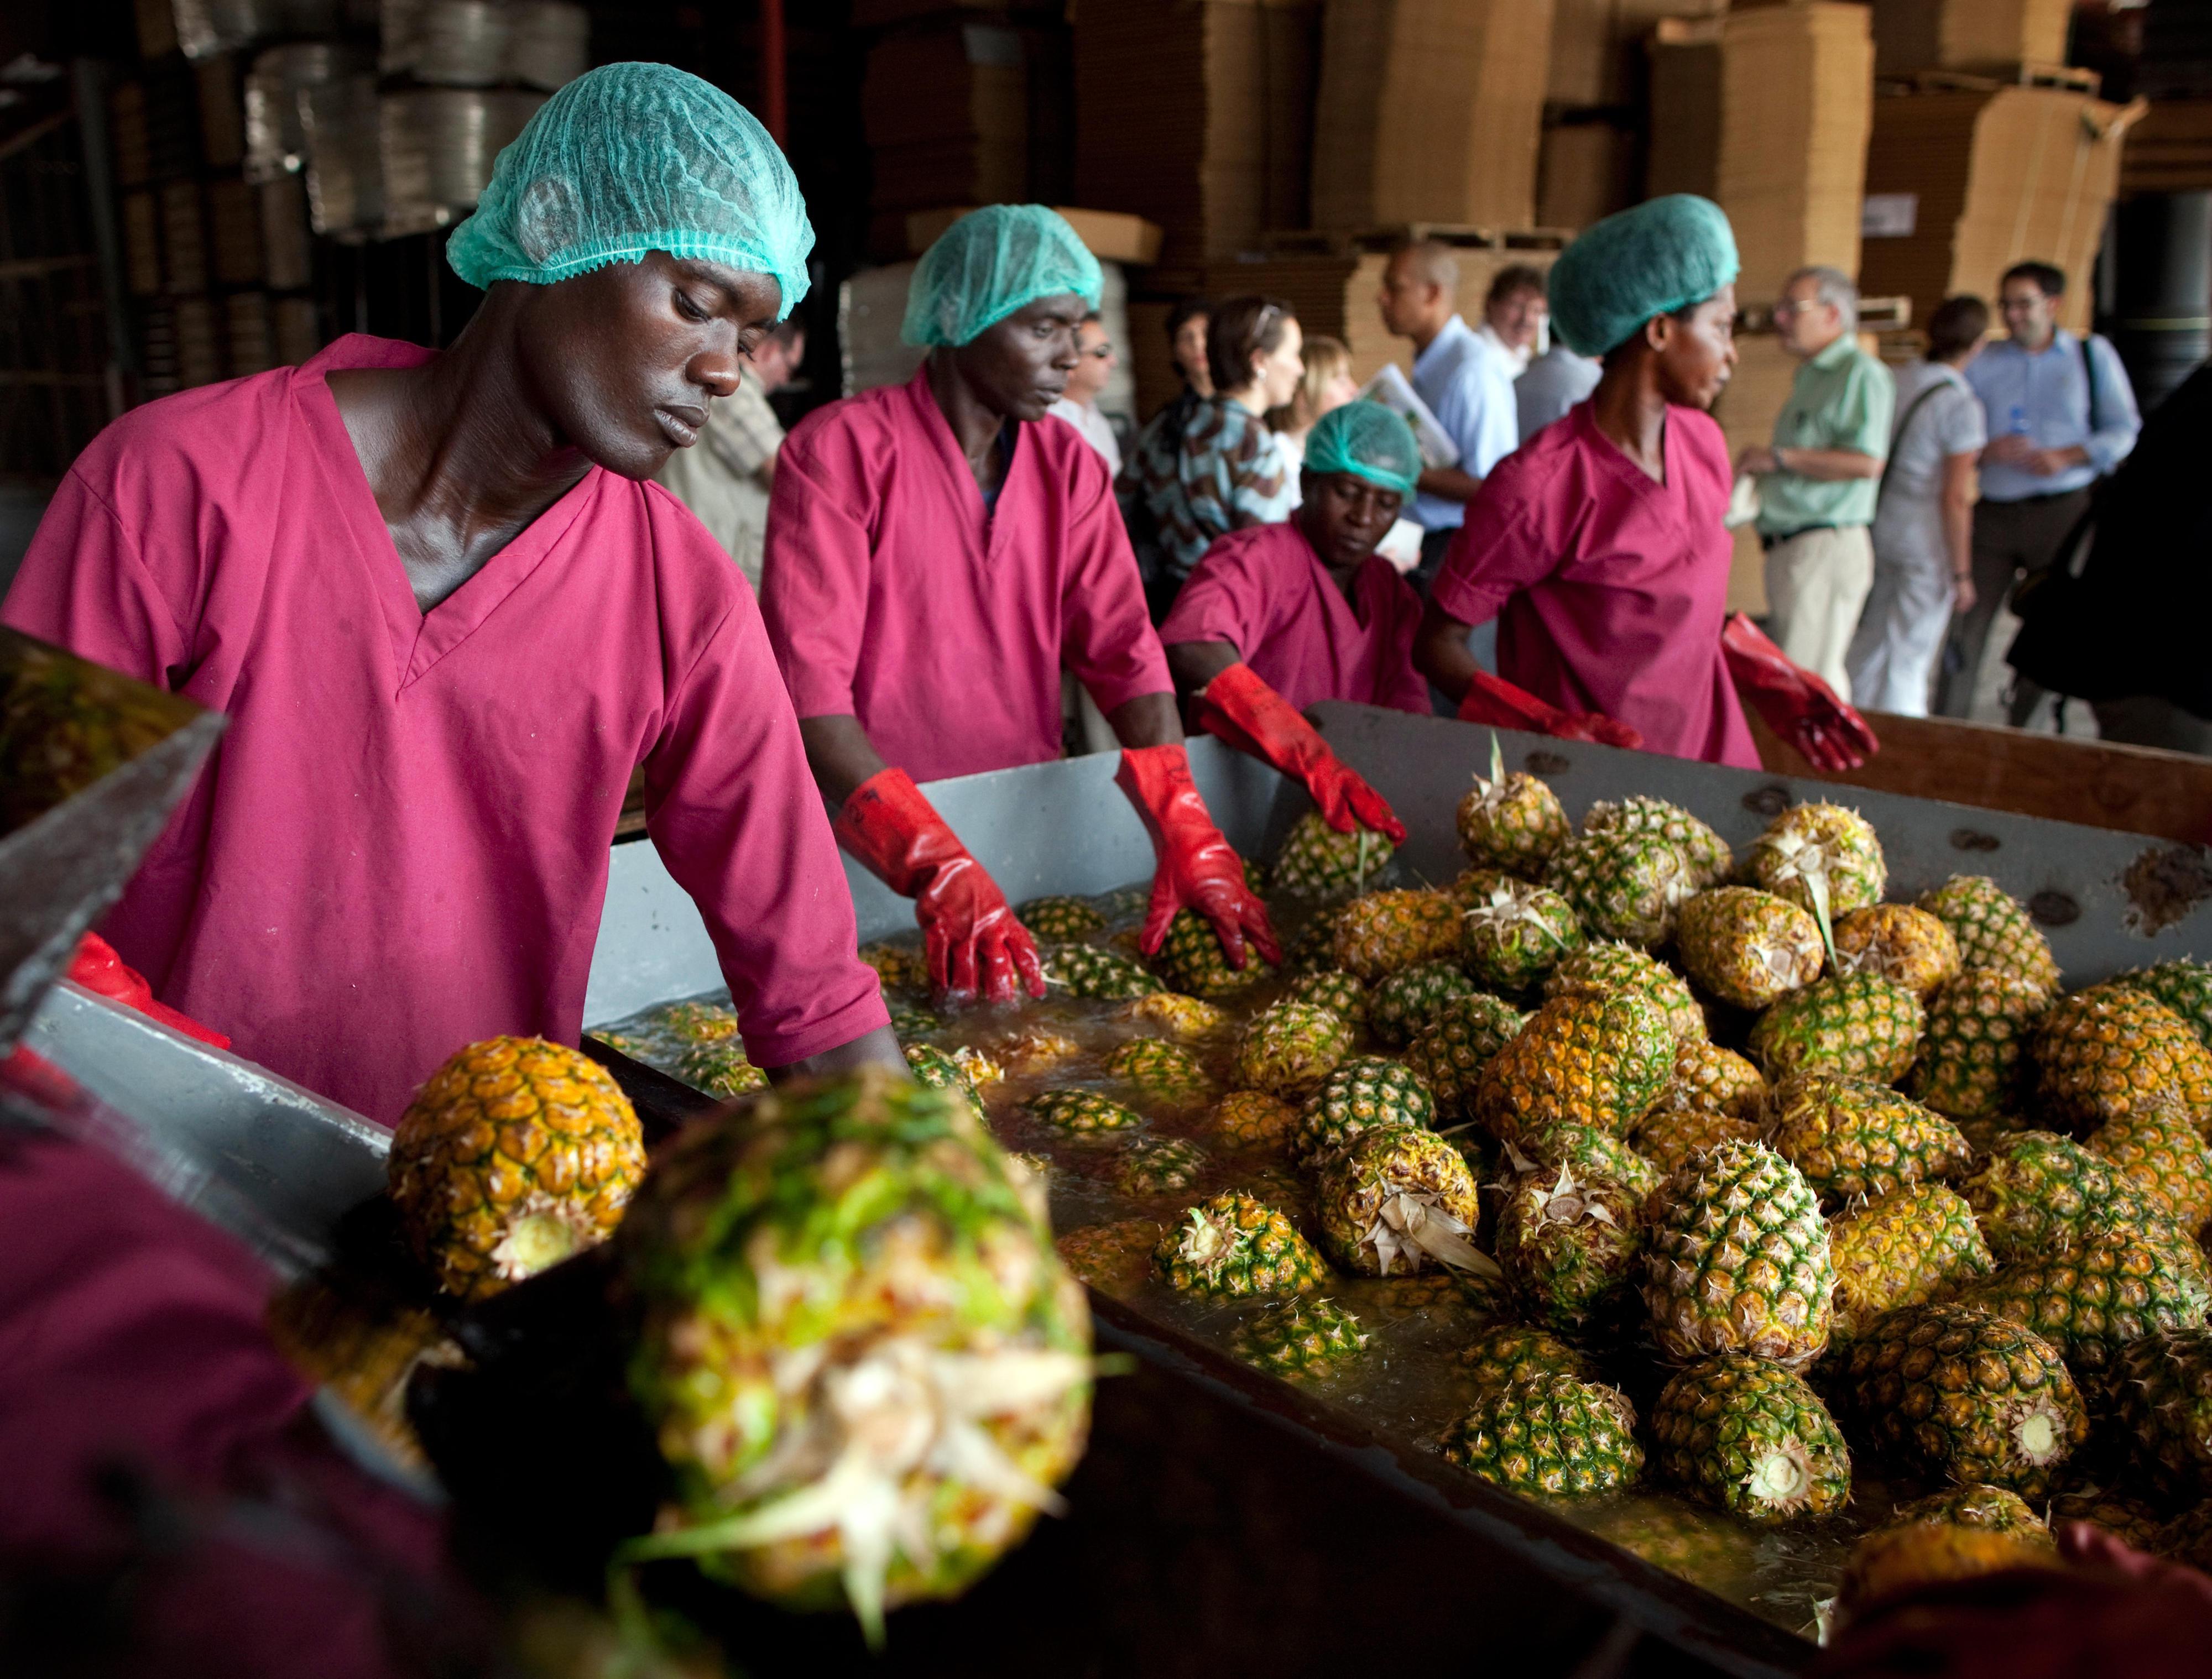 Herstellung von Fruchtsaft für den Export auf den europäischen Markt (Asamankese, Ghana)